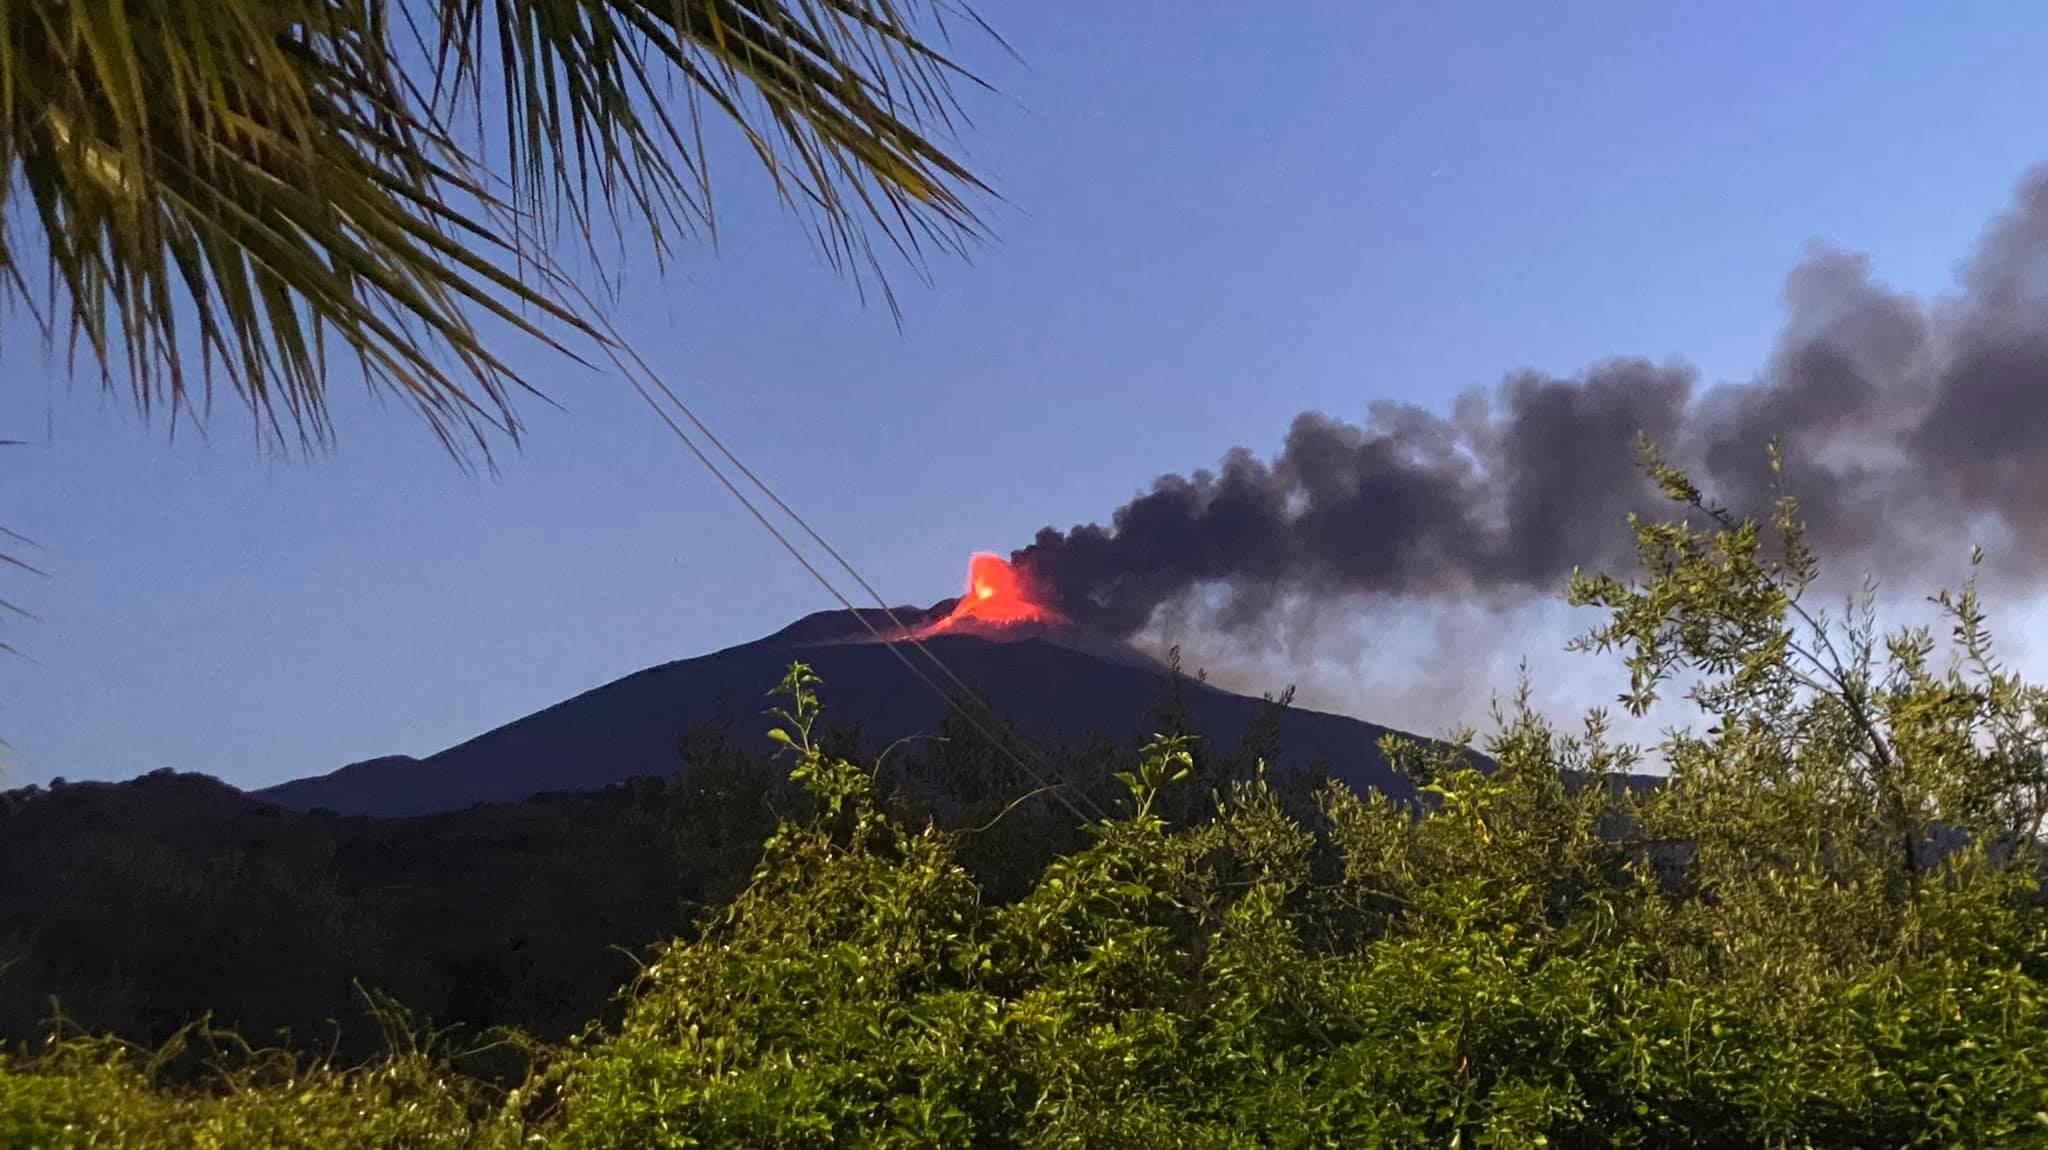 Eruzione dell'Etna del 19 maggio 2021, l'attività di fontana di lava si è  conclusa: l'aggiornamento dell'Ingv